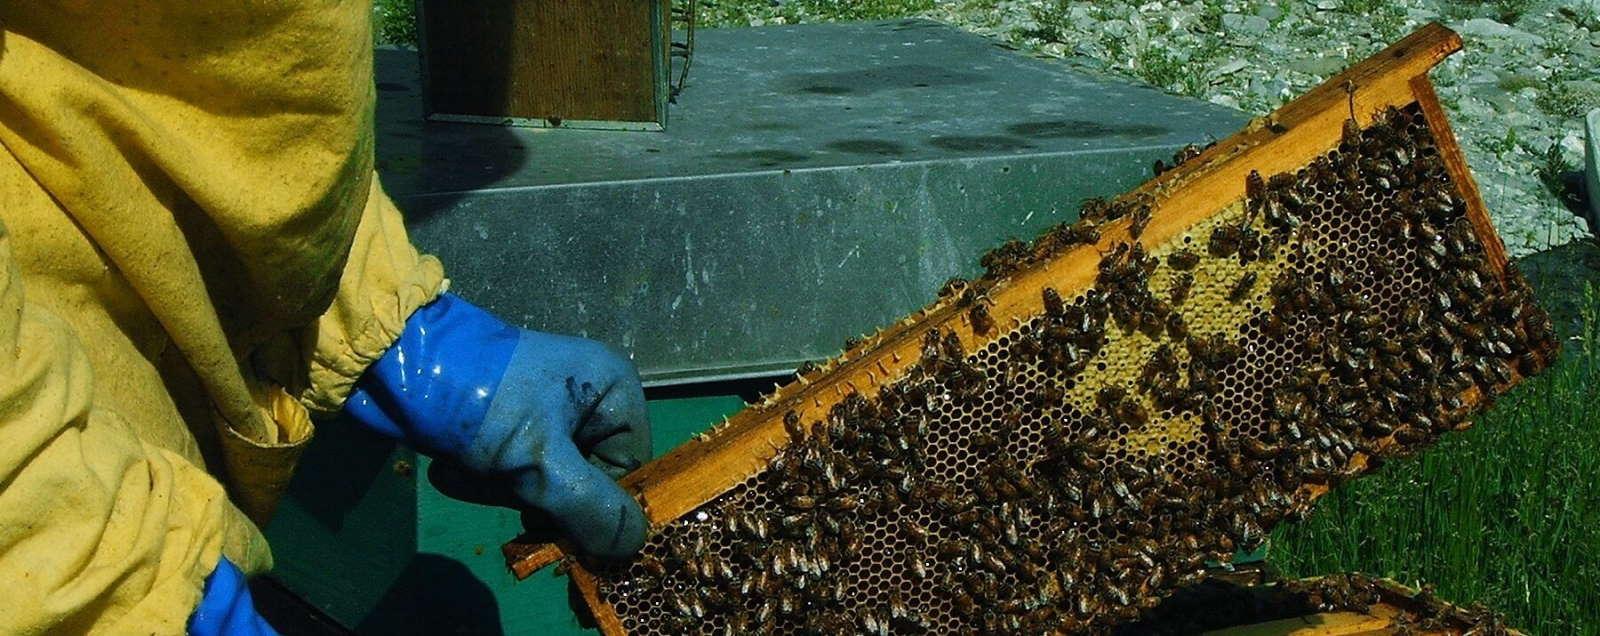 un telaio colmo di miele e api